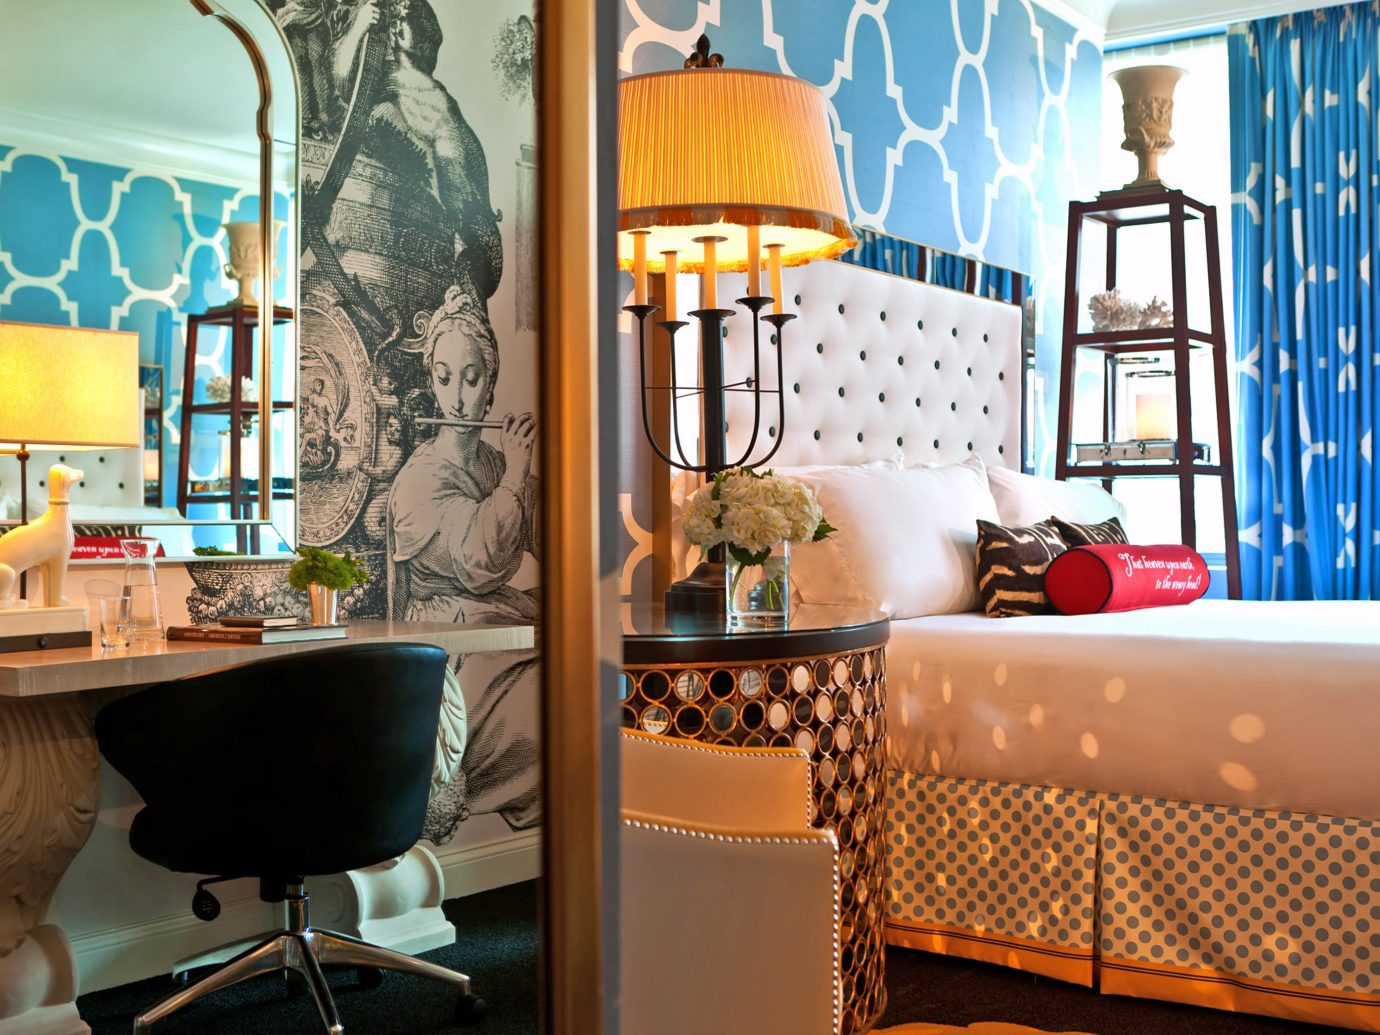 Boutique Hotels Hotels Philadelphia room property indoor home dining room living room interior design estate Design cottage nursery furniture